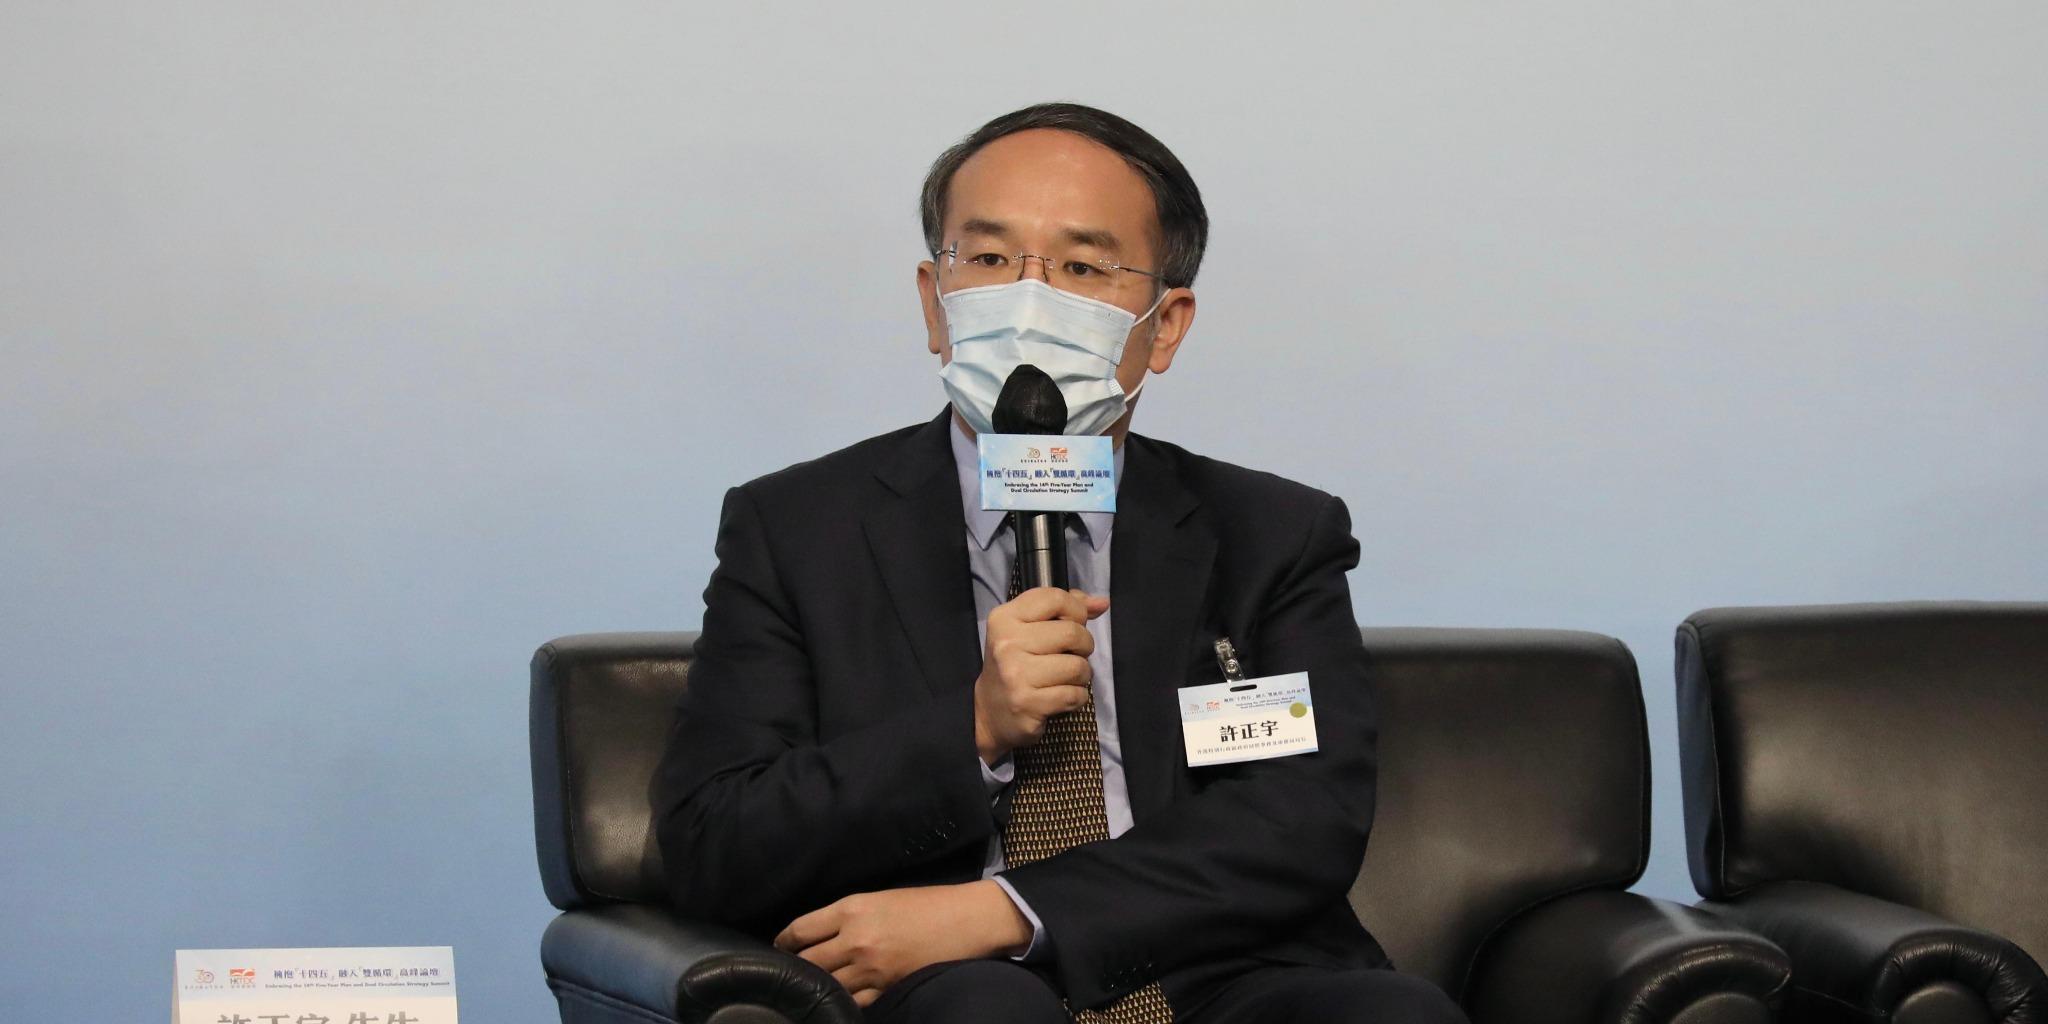 許正宇:冀政府帶頭發綠色債券能鼓勵私人機構多參與